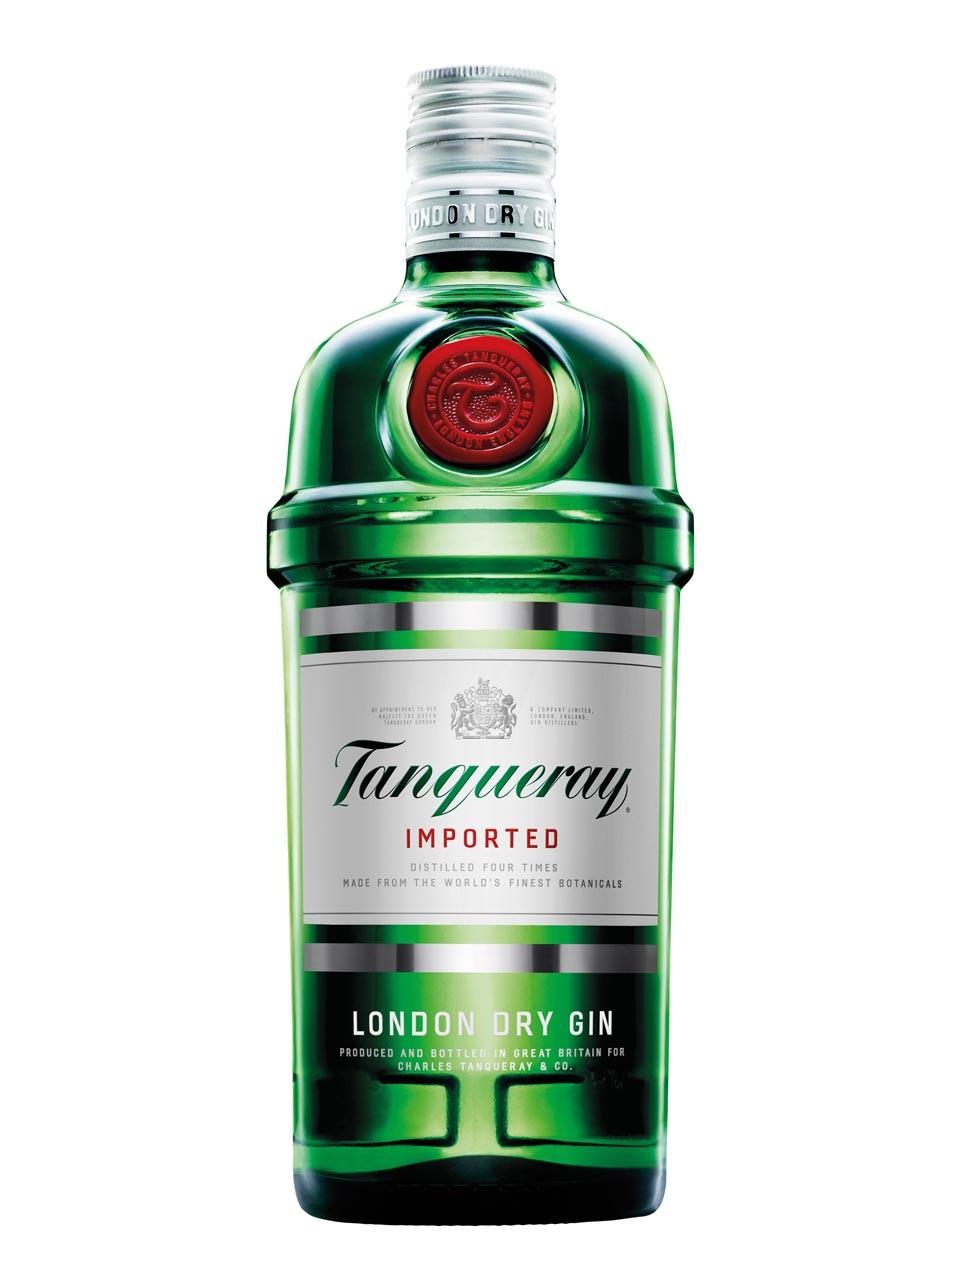 Tanqueray London Dry Gin 1 Liter @Heinemann Dutyfree